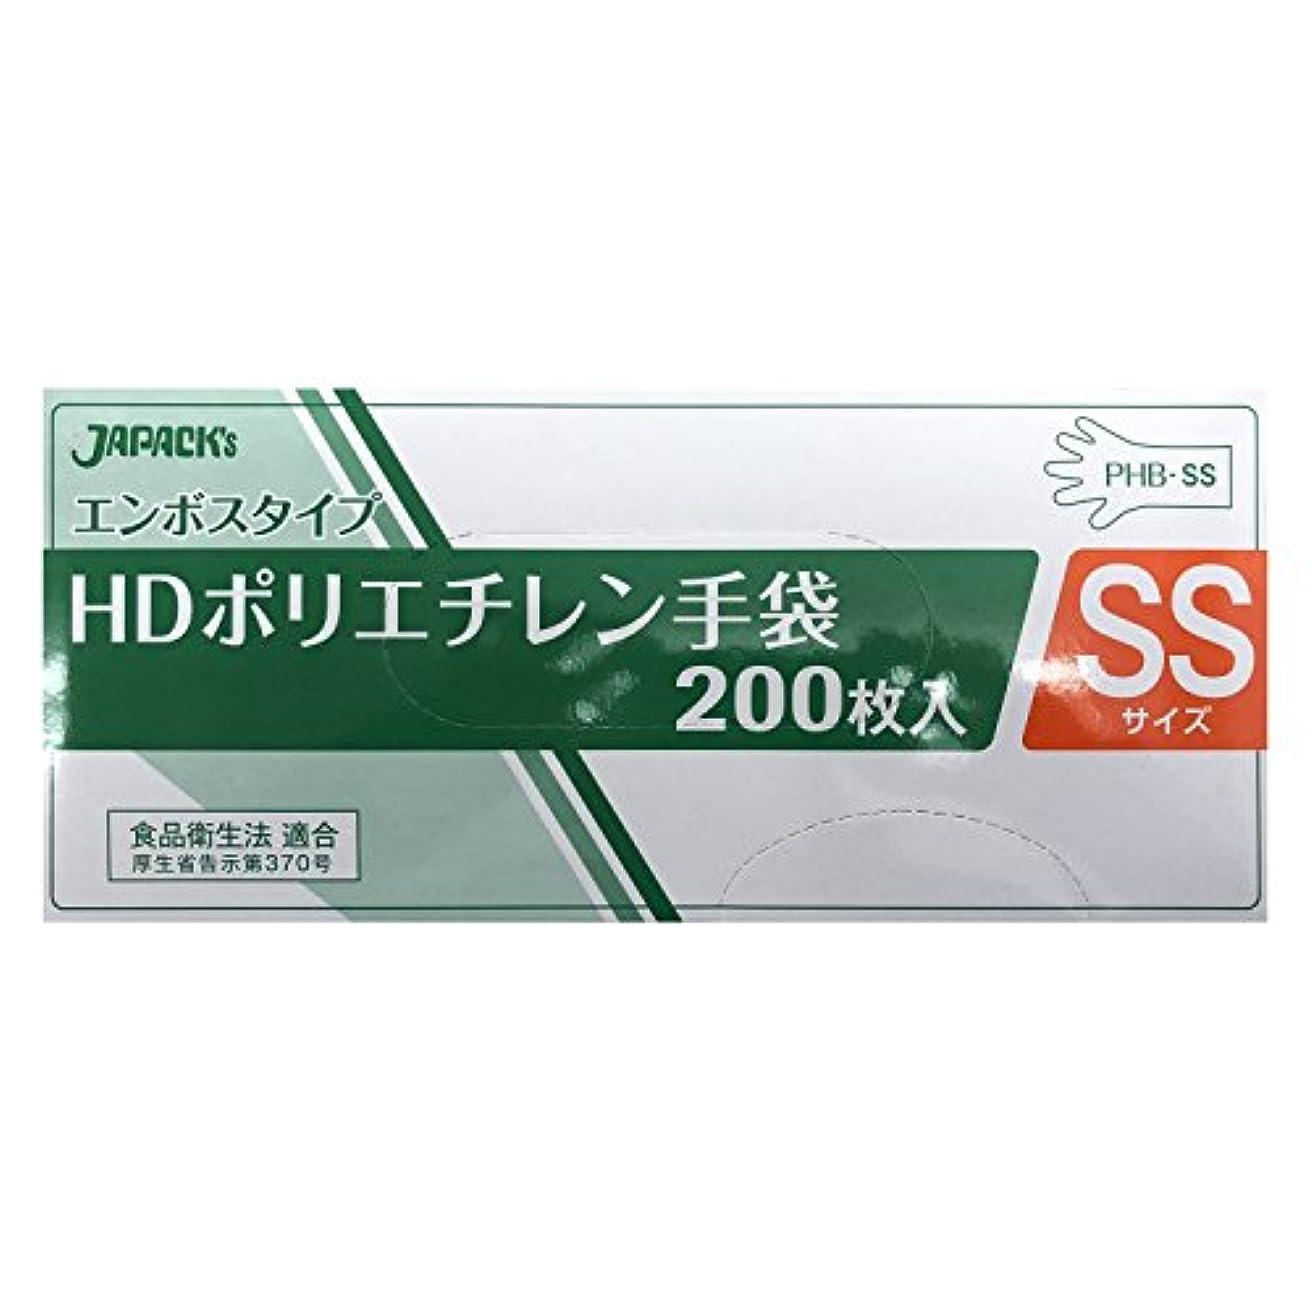 ロッド志すリーガンエンボスタイプ HDポリエチレン手袋 SSサイズ BOX 200枚入 無着色 PHB-SS